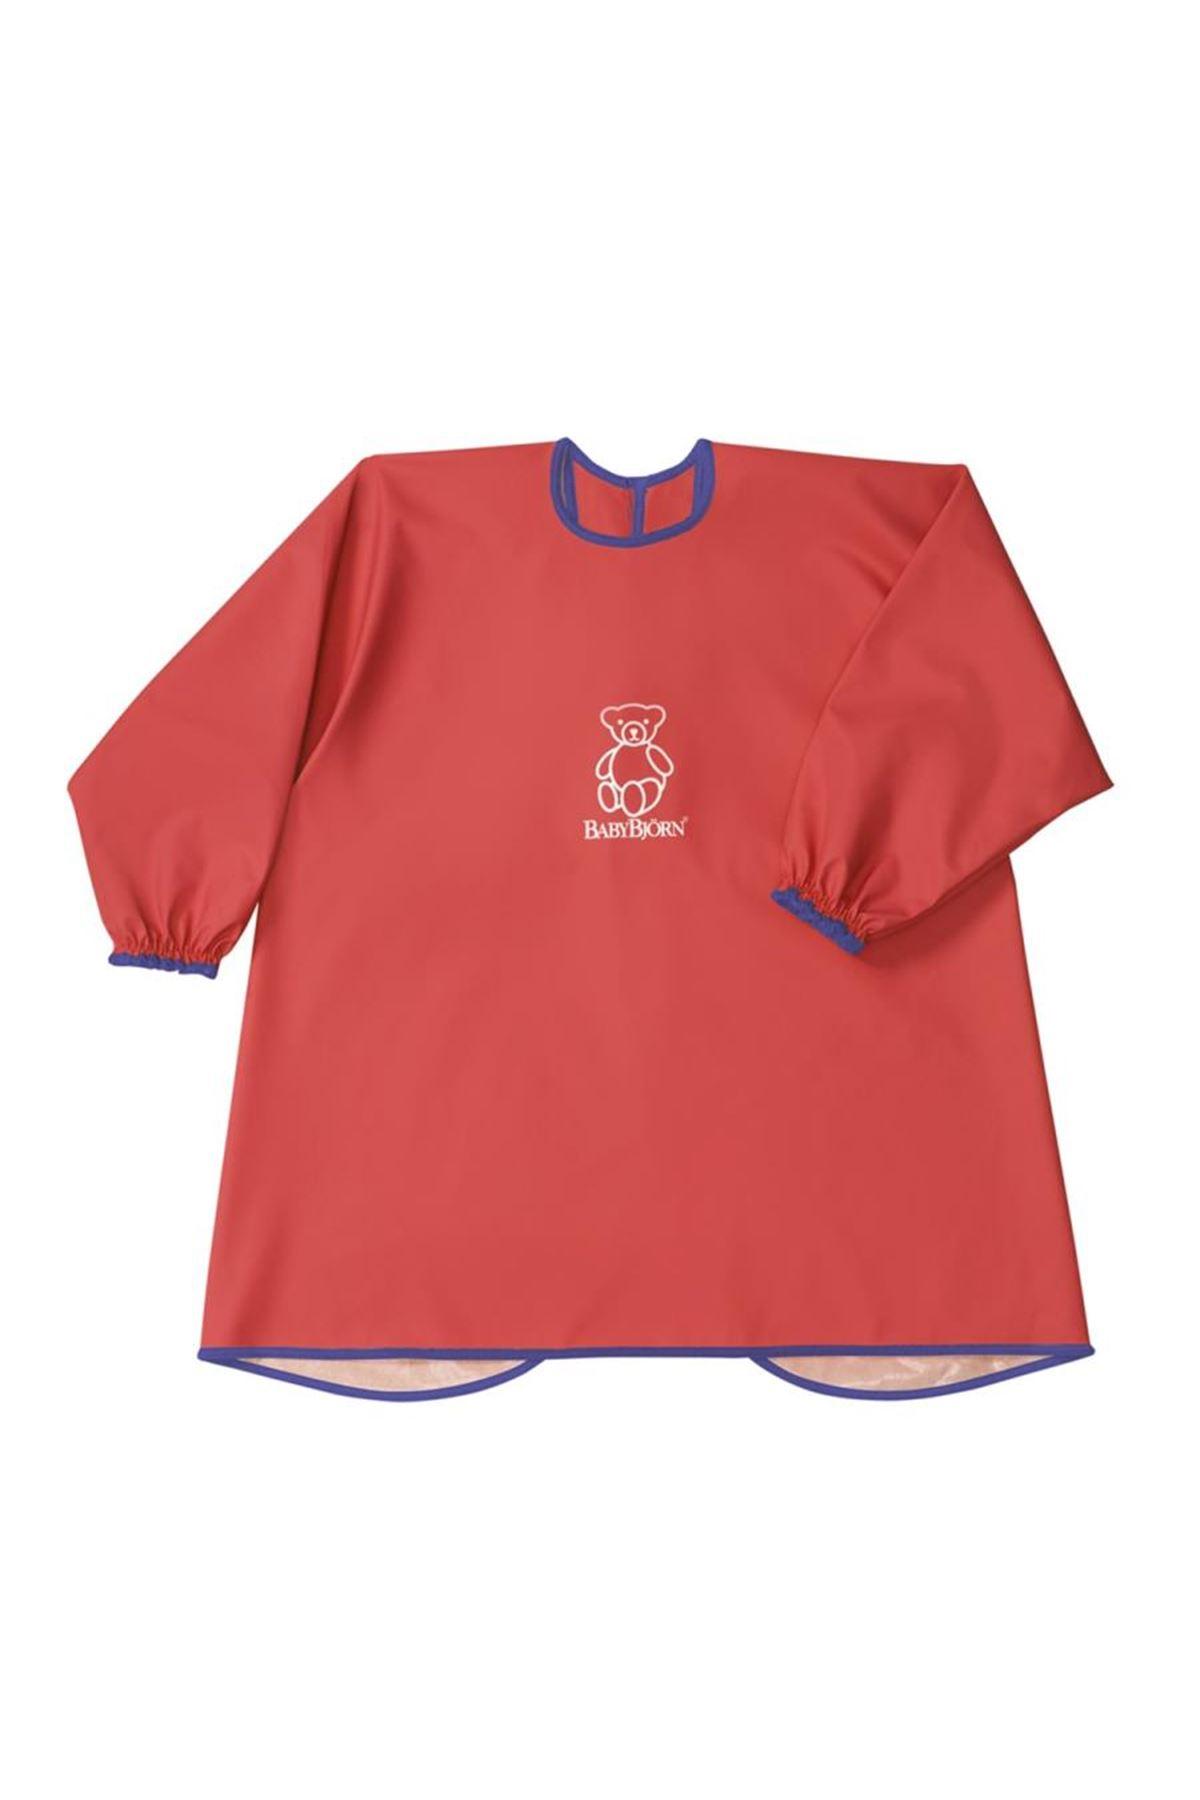 BabyBjörn Oyun & Mama Önlüğü / Red